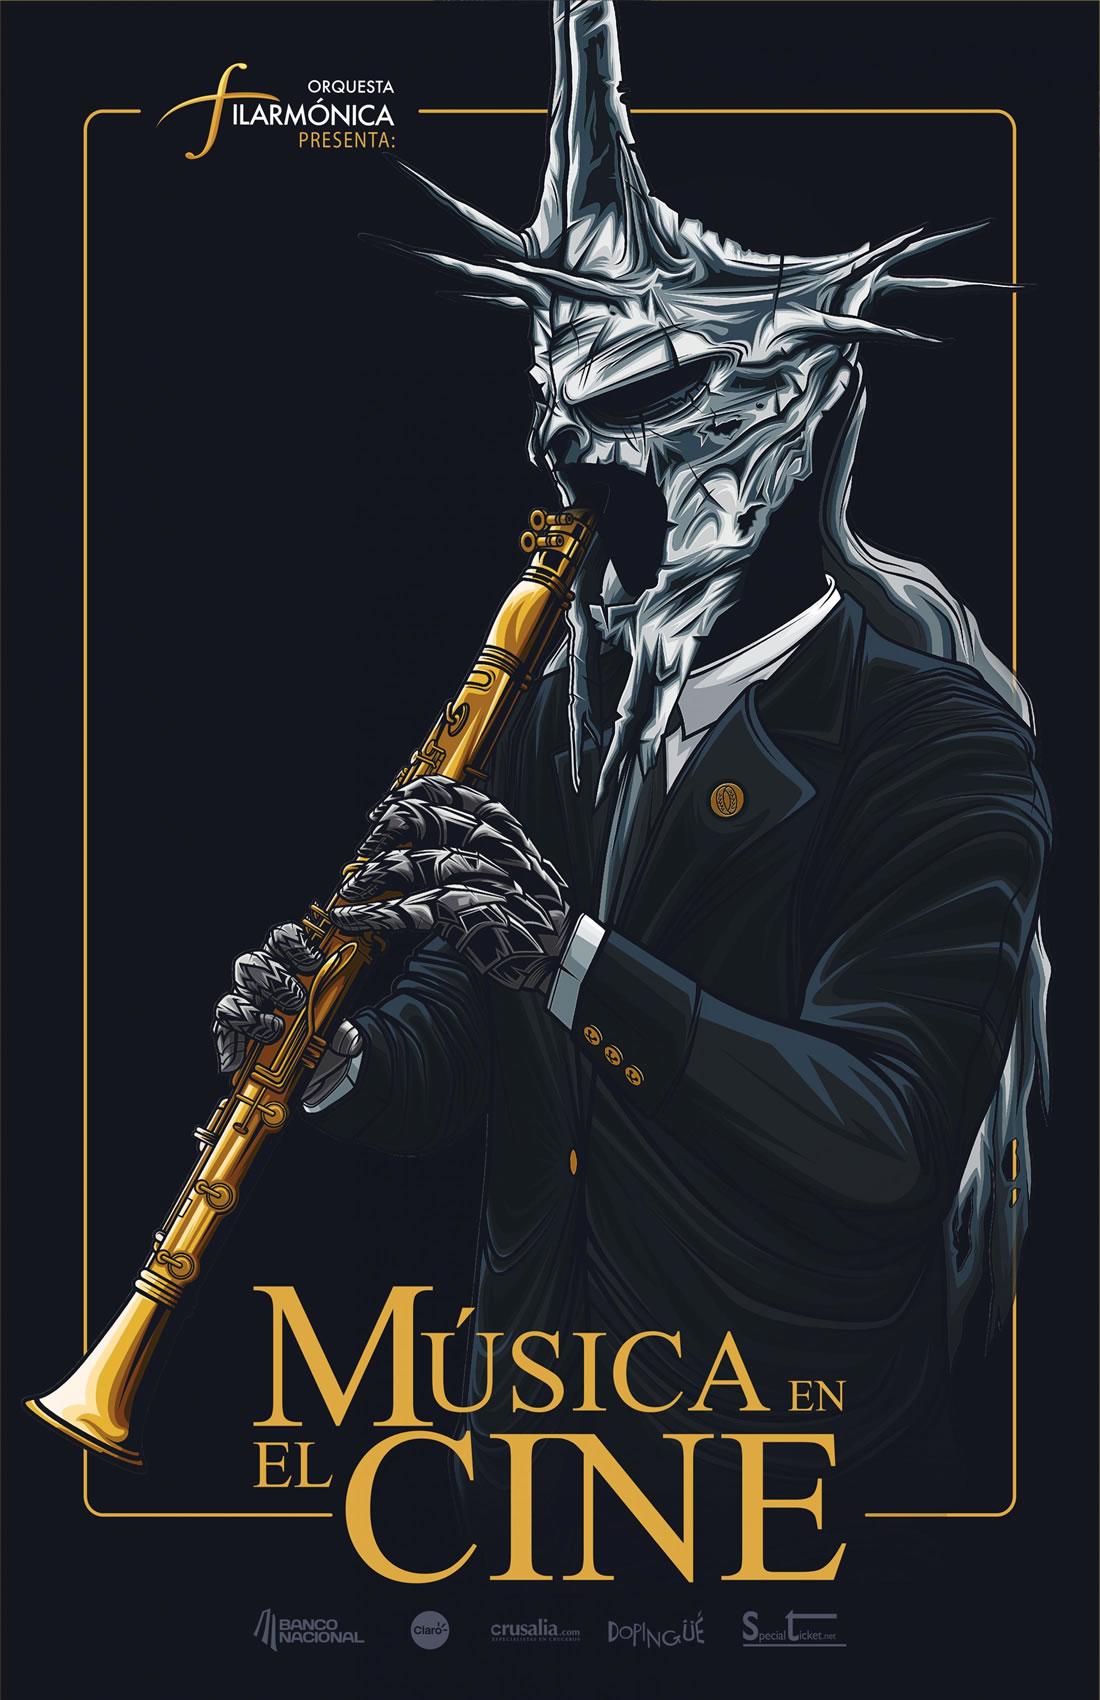 Inspiration - 130 Affiches Publicitaires Graphiques de Mars 2018 5